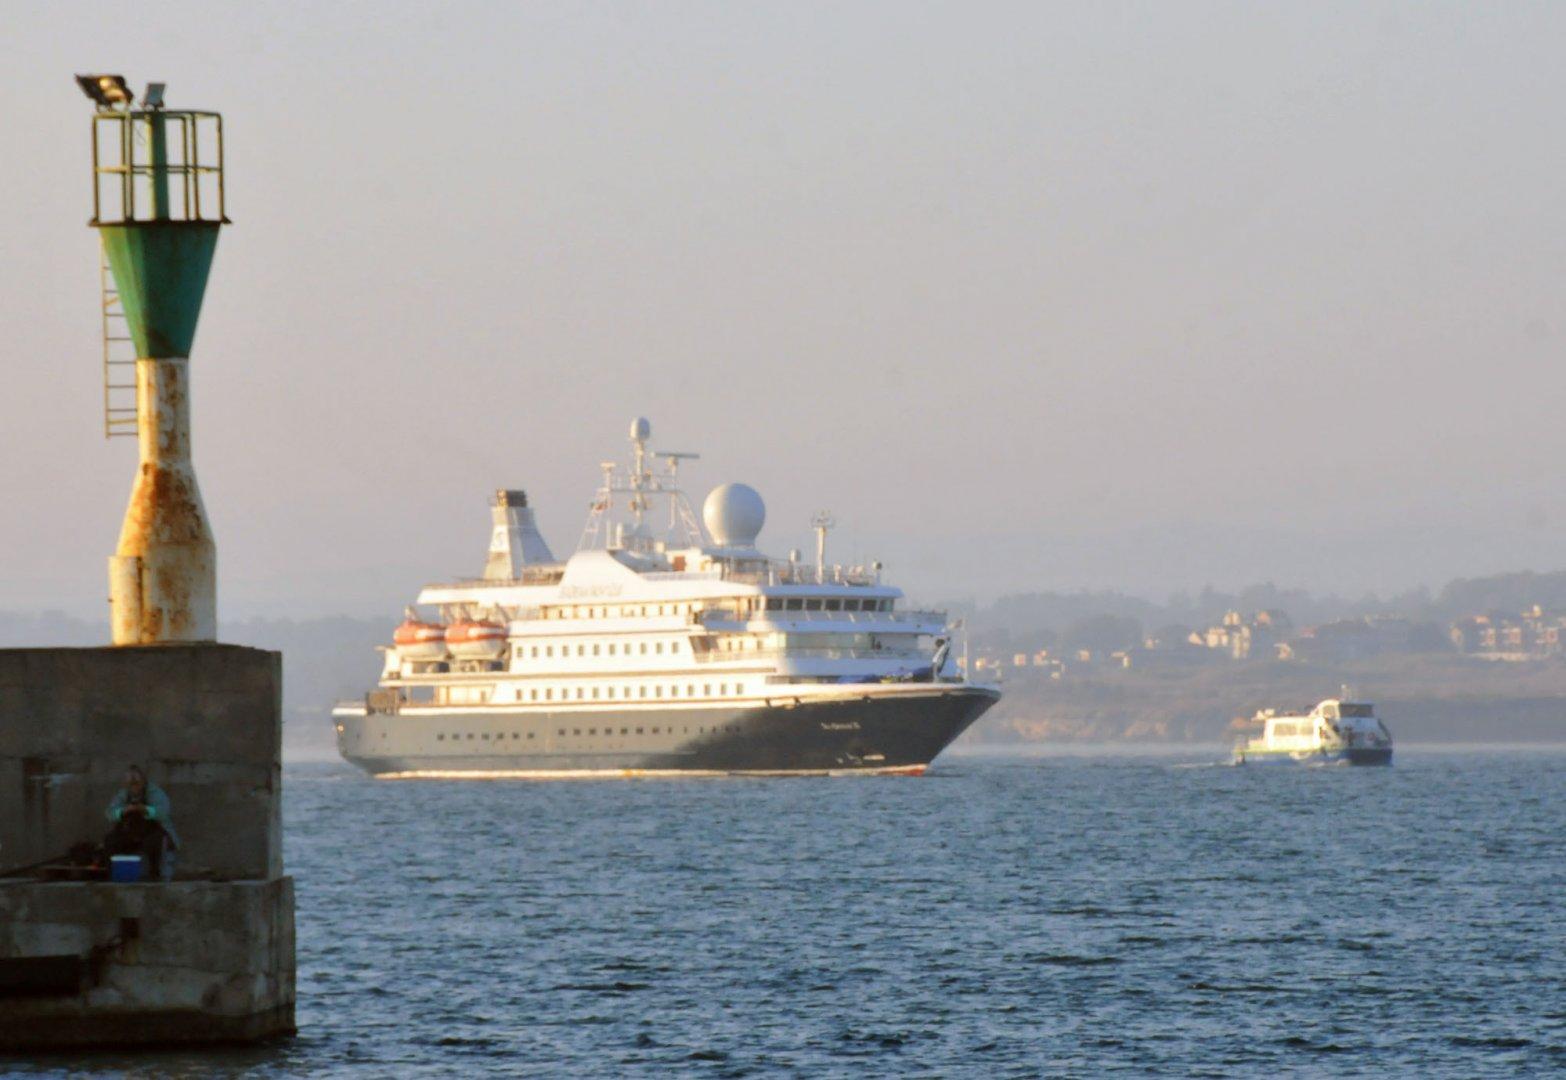 След 4-годишна пауза, днес на Морска гара Бургас акостира круизният кораб Sea Dream II. На борда му пътуват 65 пасажери, 47 от които американци, канадци, англичани, норвежци, германци и датчани. Всички пътници и екипажът, както и служителите на обслужващата ги туристическа компания са ваксинирани. От Бургас 12 от пасажерите потеглиха с автобус до манастира Свети Георги в Поморие и винарната в село Страцин. От Бургас, корабът ще потегли към Костанца, Снимки Черноморие-бг